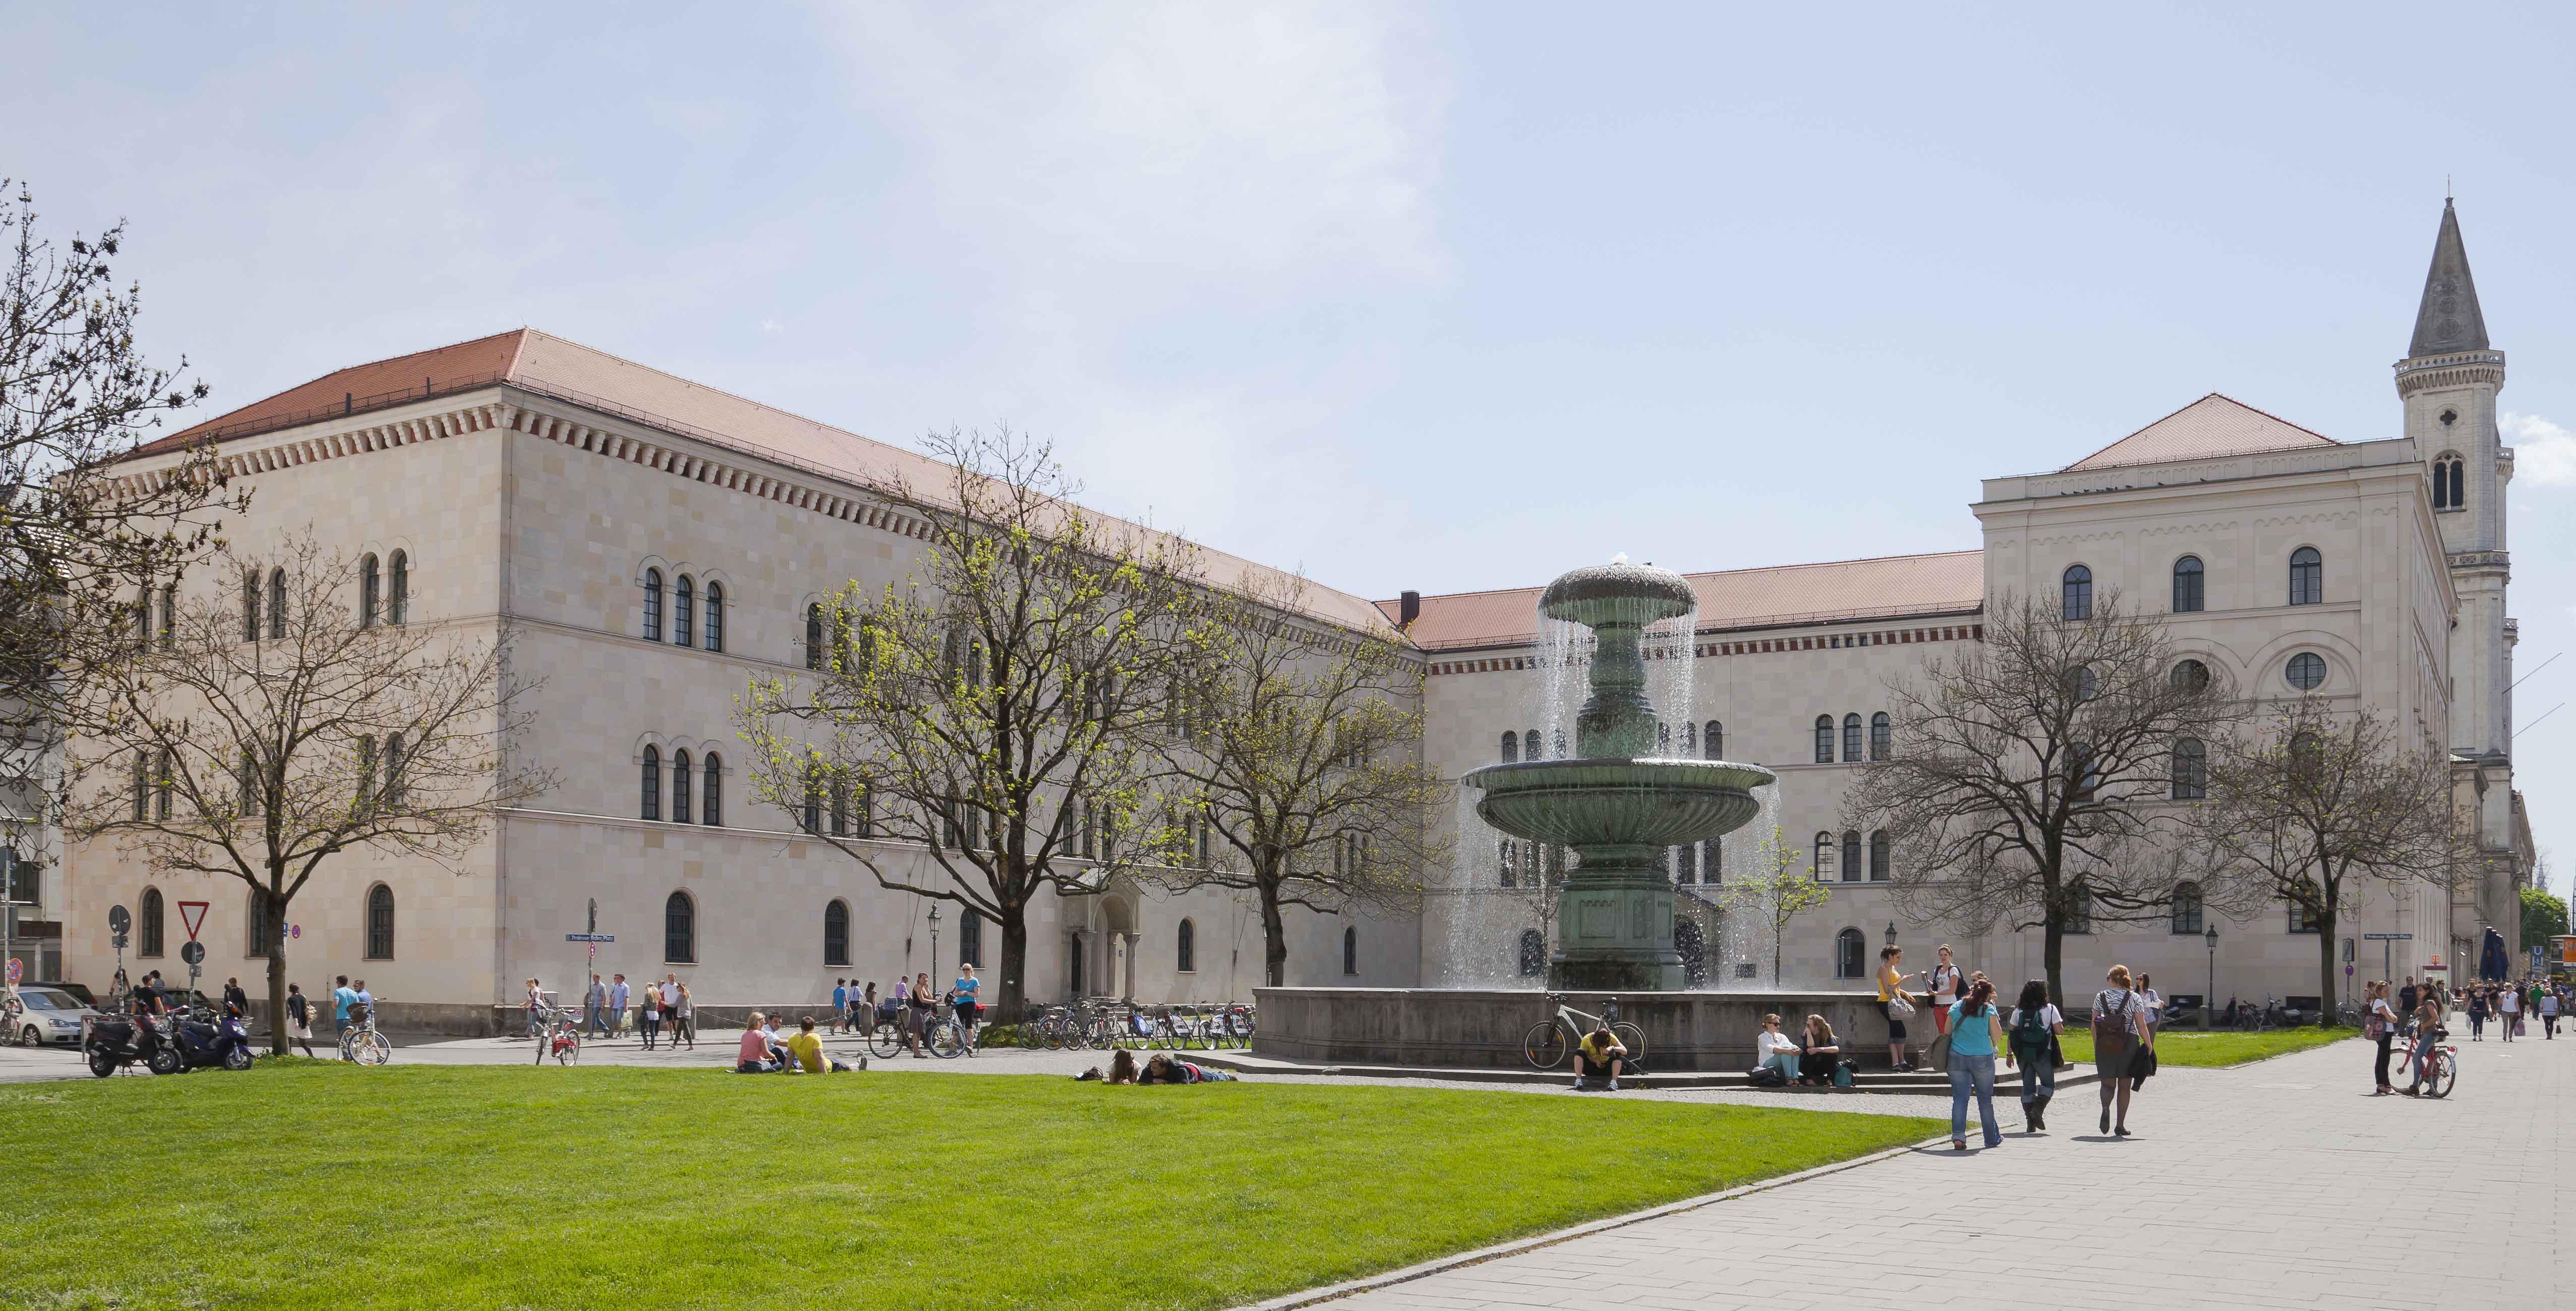 Edificio_principal_de_la_Universidad_Ludwig-Maximilian,_Múnich,_Alemania,_2012-04-30,_DD_01